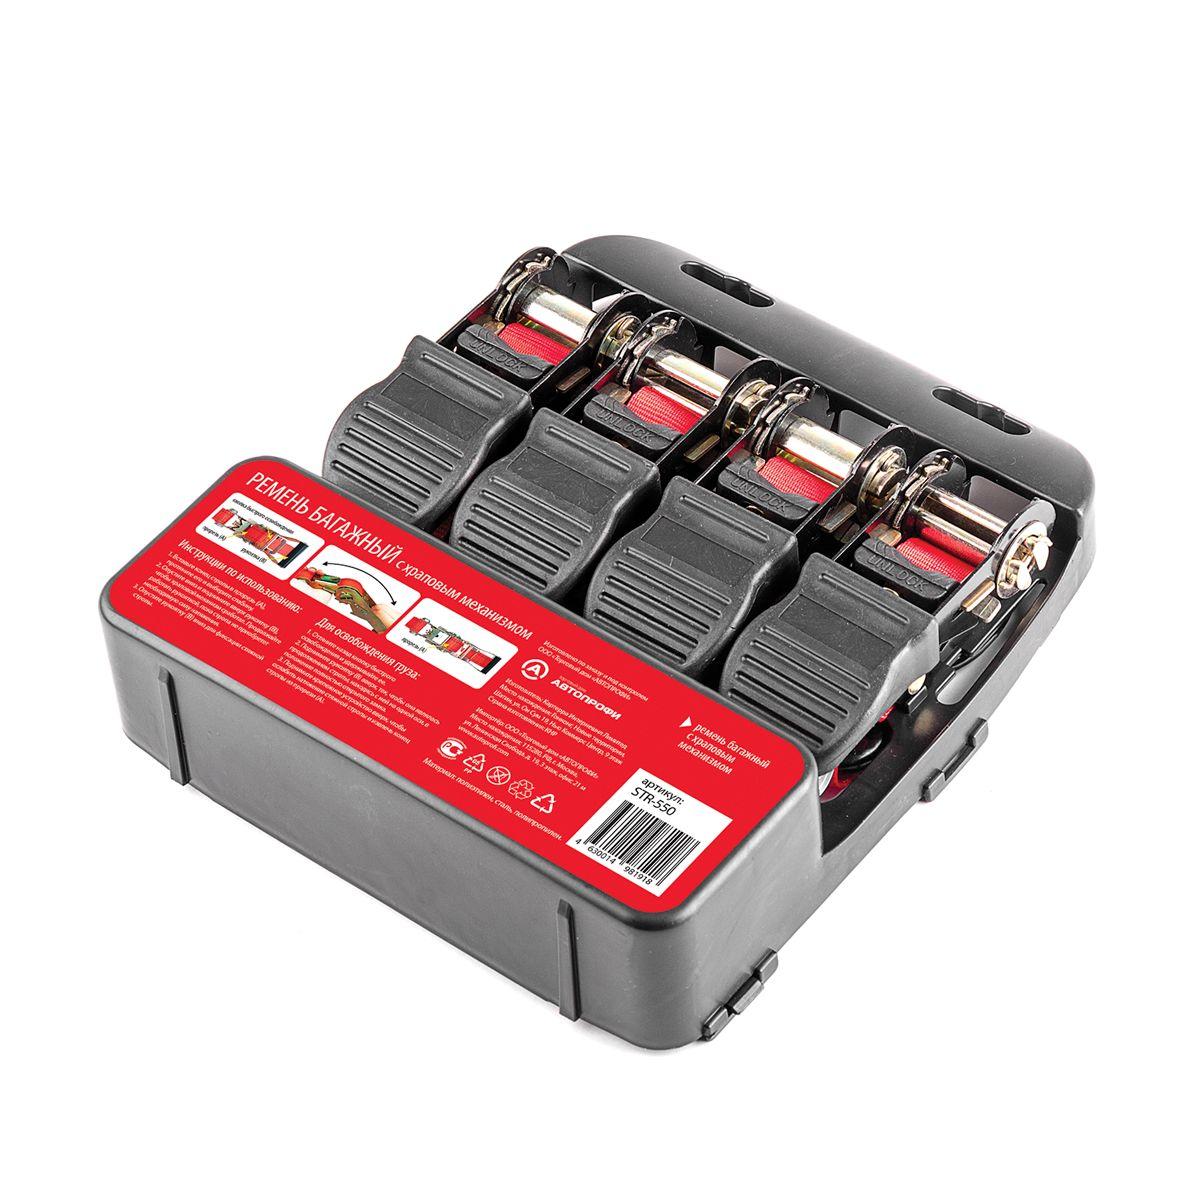 Ремень багажный Autoprofi, с храповым механизмом, 2,5 см, 4,5 м, 4 штCA-3505Стяжки для крепления груза Autoprofi позволят зафиксировать даже негабаритный багаж и предотвратить его повреждение при перевозке. Они могут применяться как в автомобиле, так и в остальных транспортных средствах. Кроме того, стяжки находят широкое применение в хозяйственно-бытовых нуждах. Например, с помощью стяжек груза можно закрепить багажник на автомобиле, сноуборд, доски для серфинга, строительный материал и многое другое.Длина: 4,5 м.Ширина: 2,5 см.Прочность на разрыв: 550 кг.